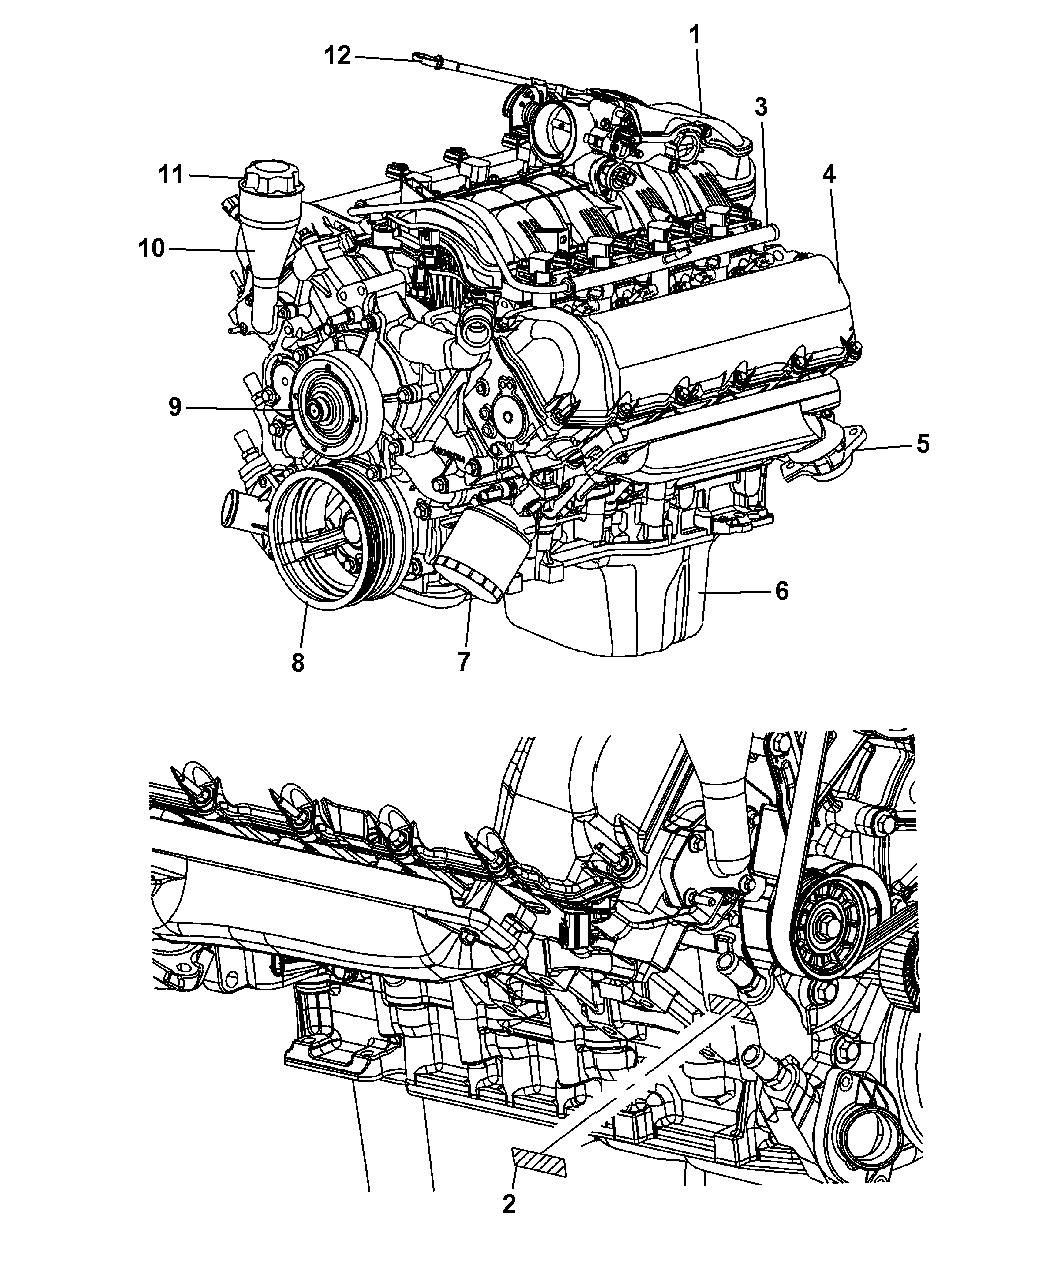 53032721AA - Genuine Mopar RAIL-FUEL